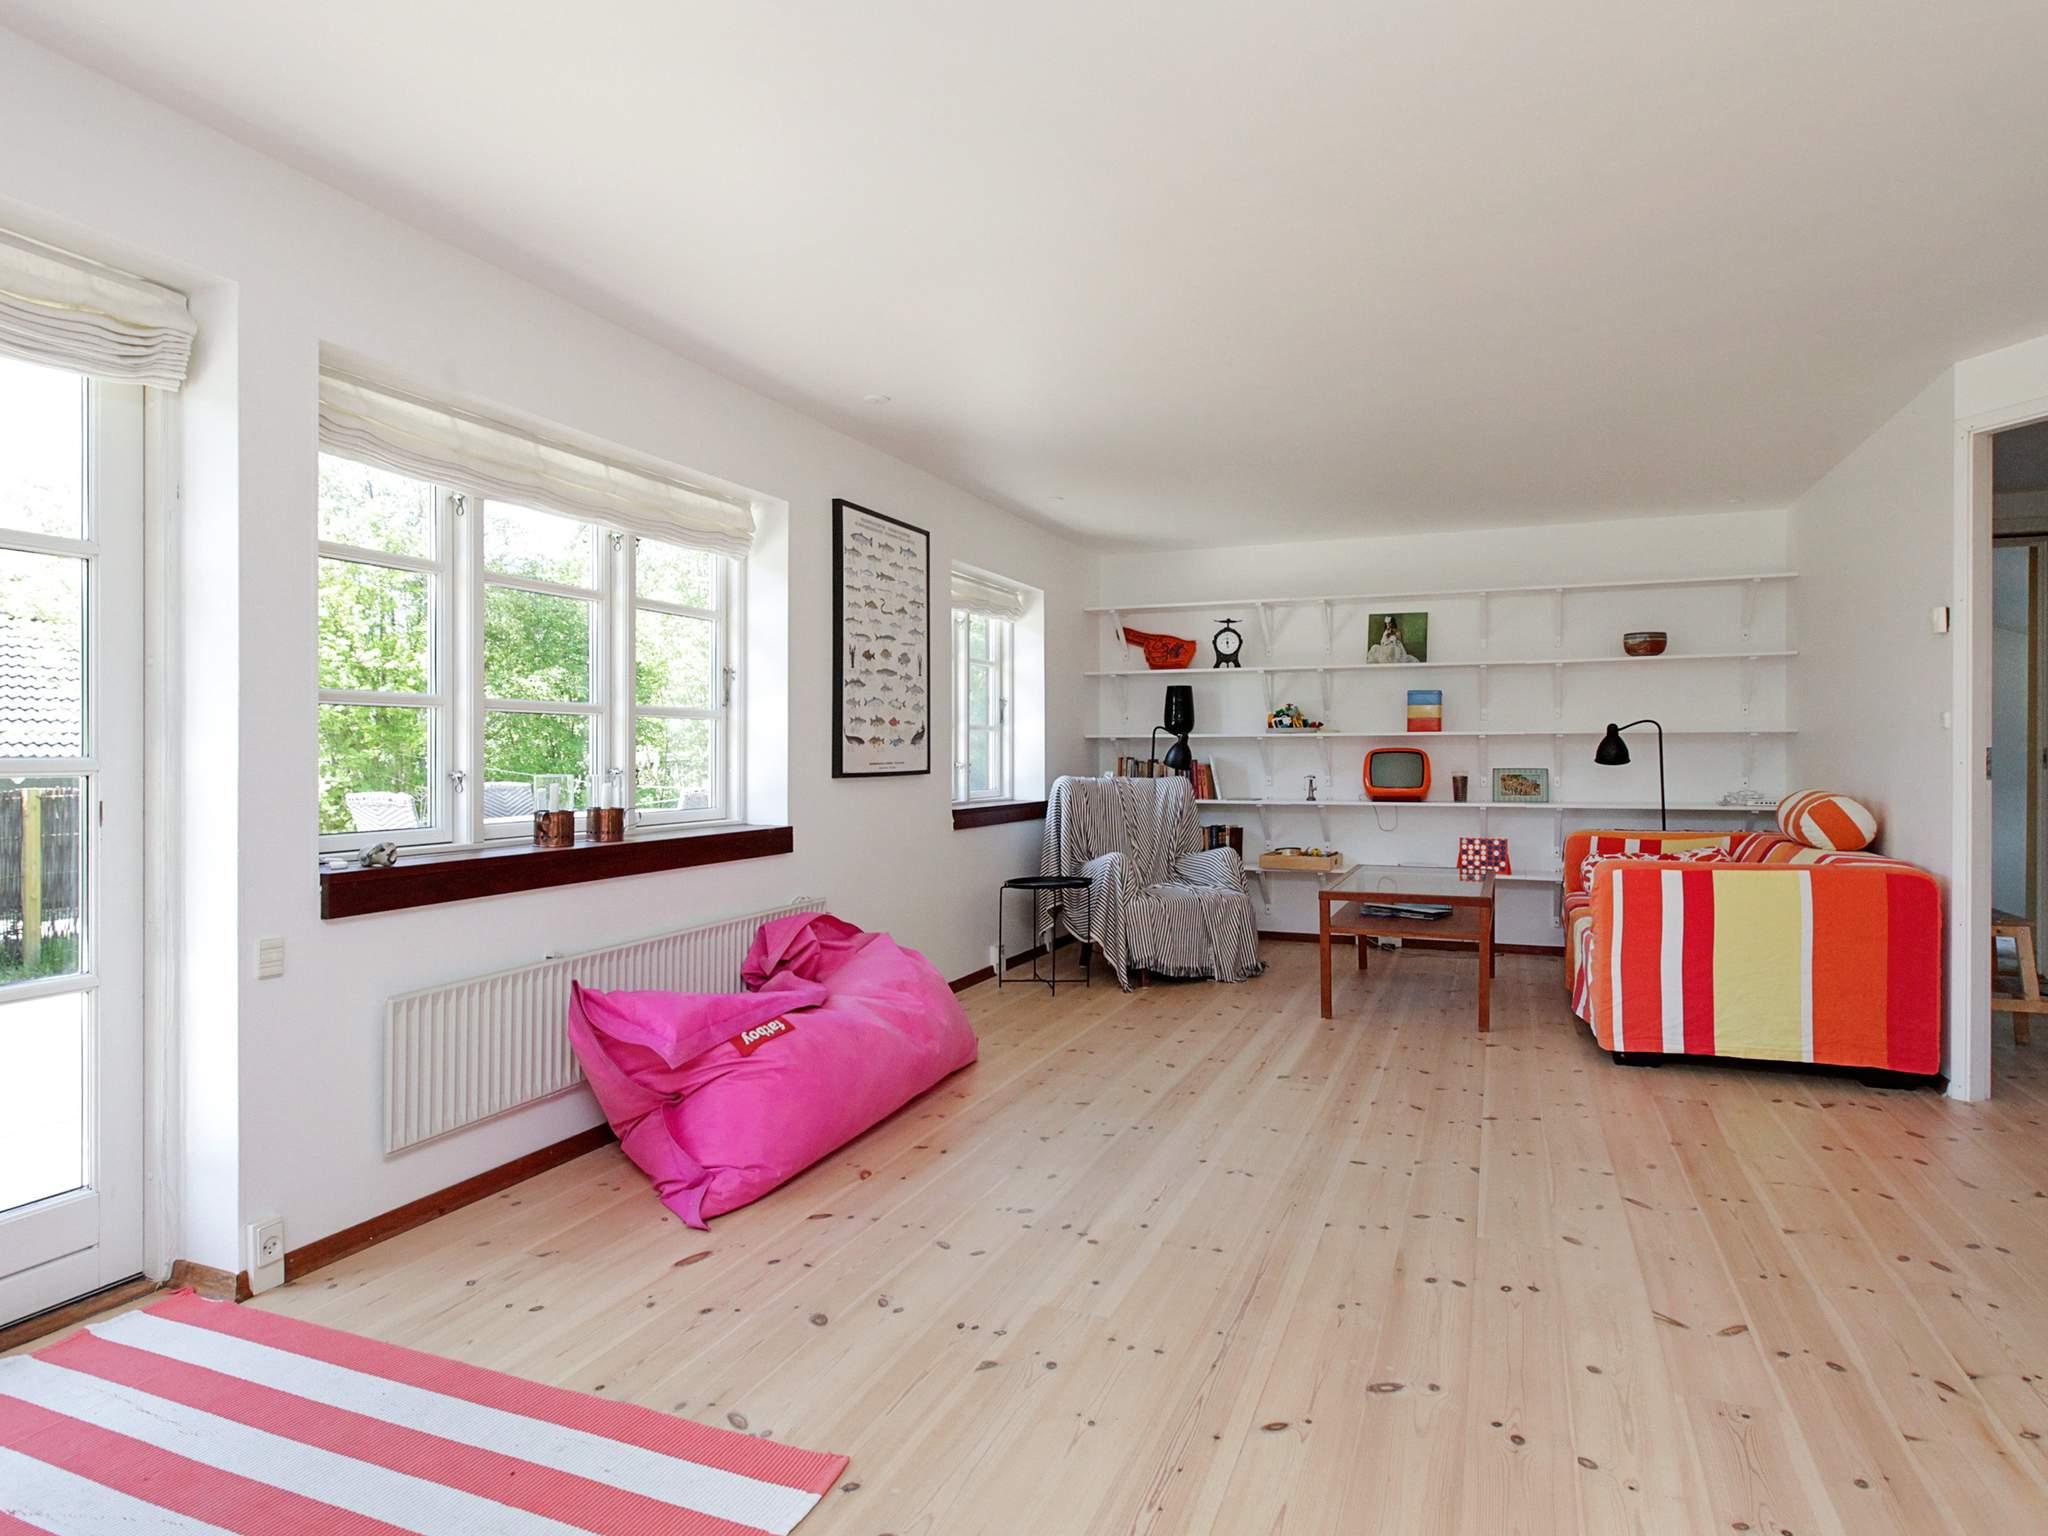 Ferienhaus Udsholt Strand (2417490), Udsholt, , Nordseeland, Dänemark, Bild 7